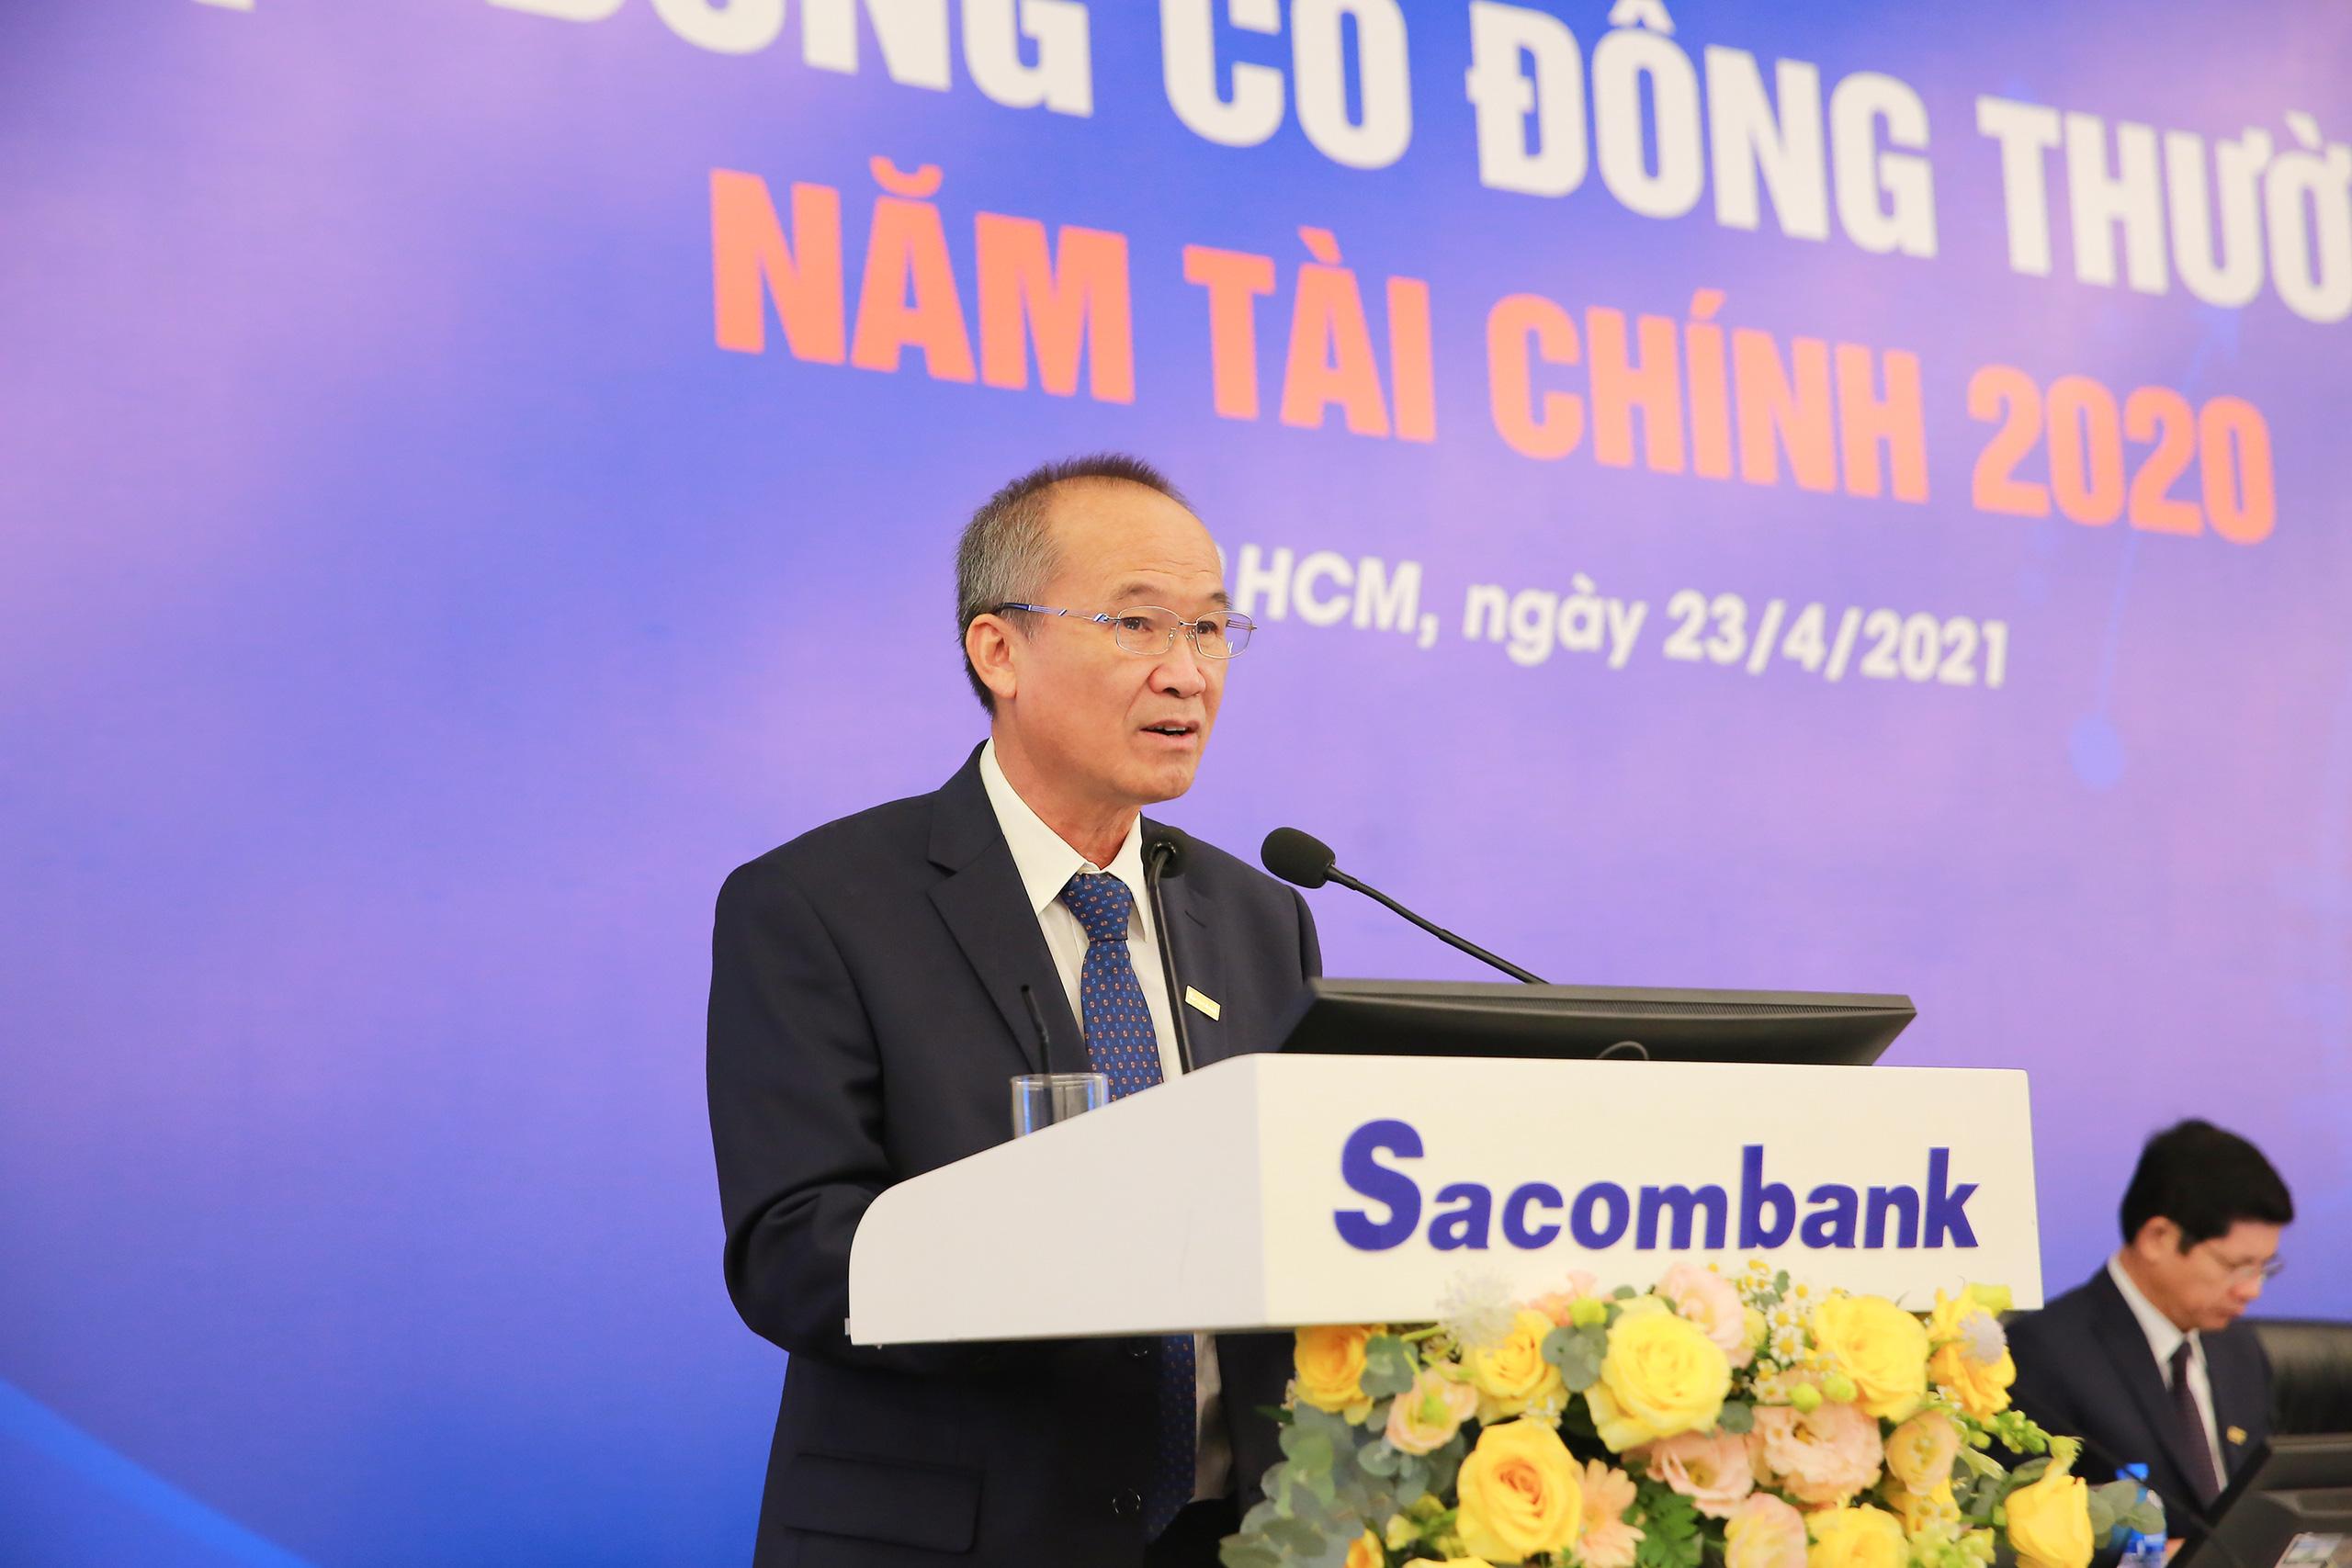 Chủ tịch Sacombank: Dự kiến đến năm 2022 hoặc đầu năm 2023 có thể chia cổ tức - Ảnh 1.